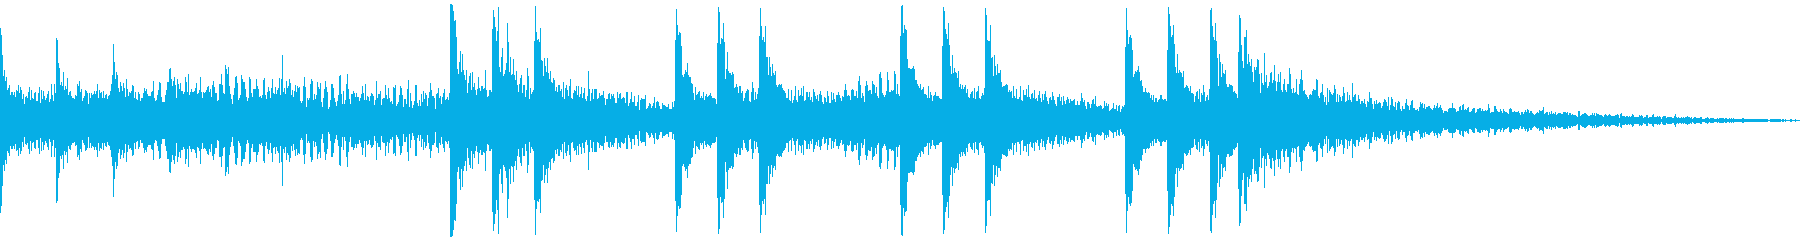 湿っぽい空間や階段での足音の効果音の再生済みの波形